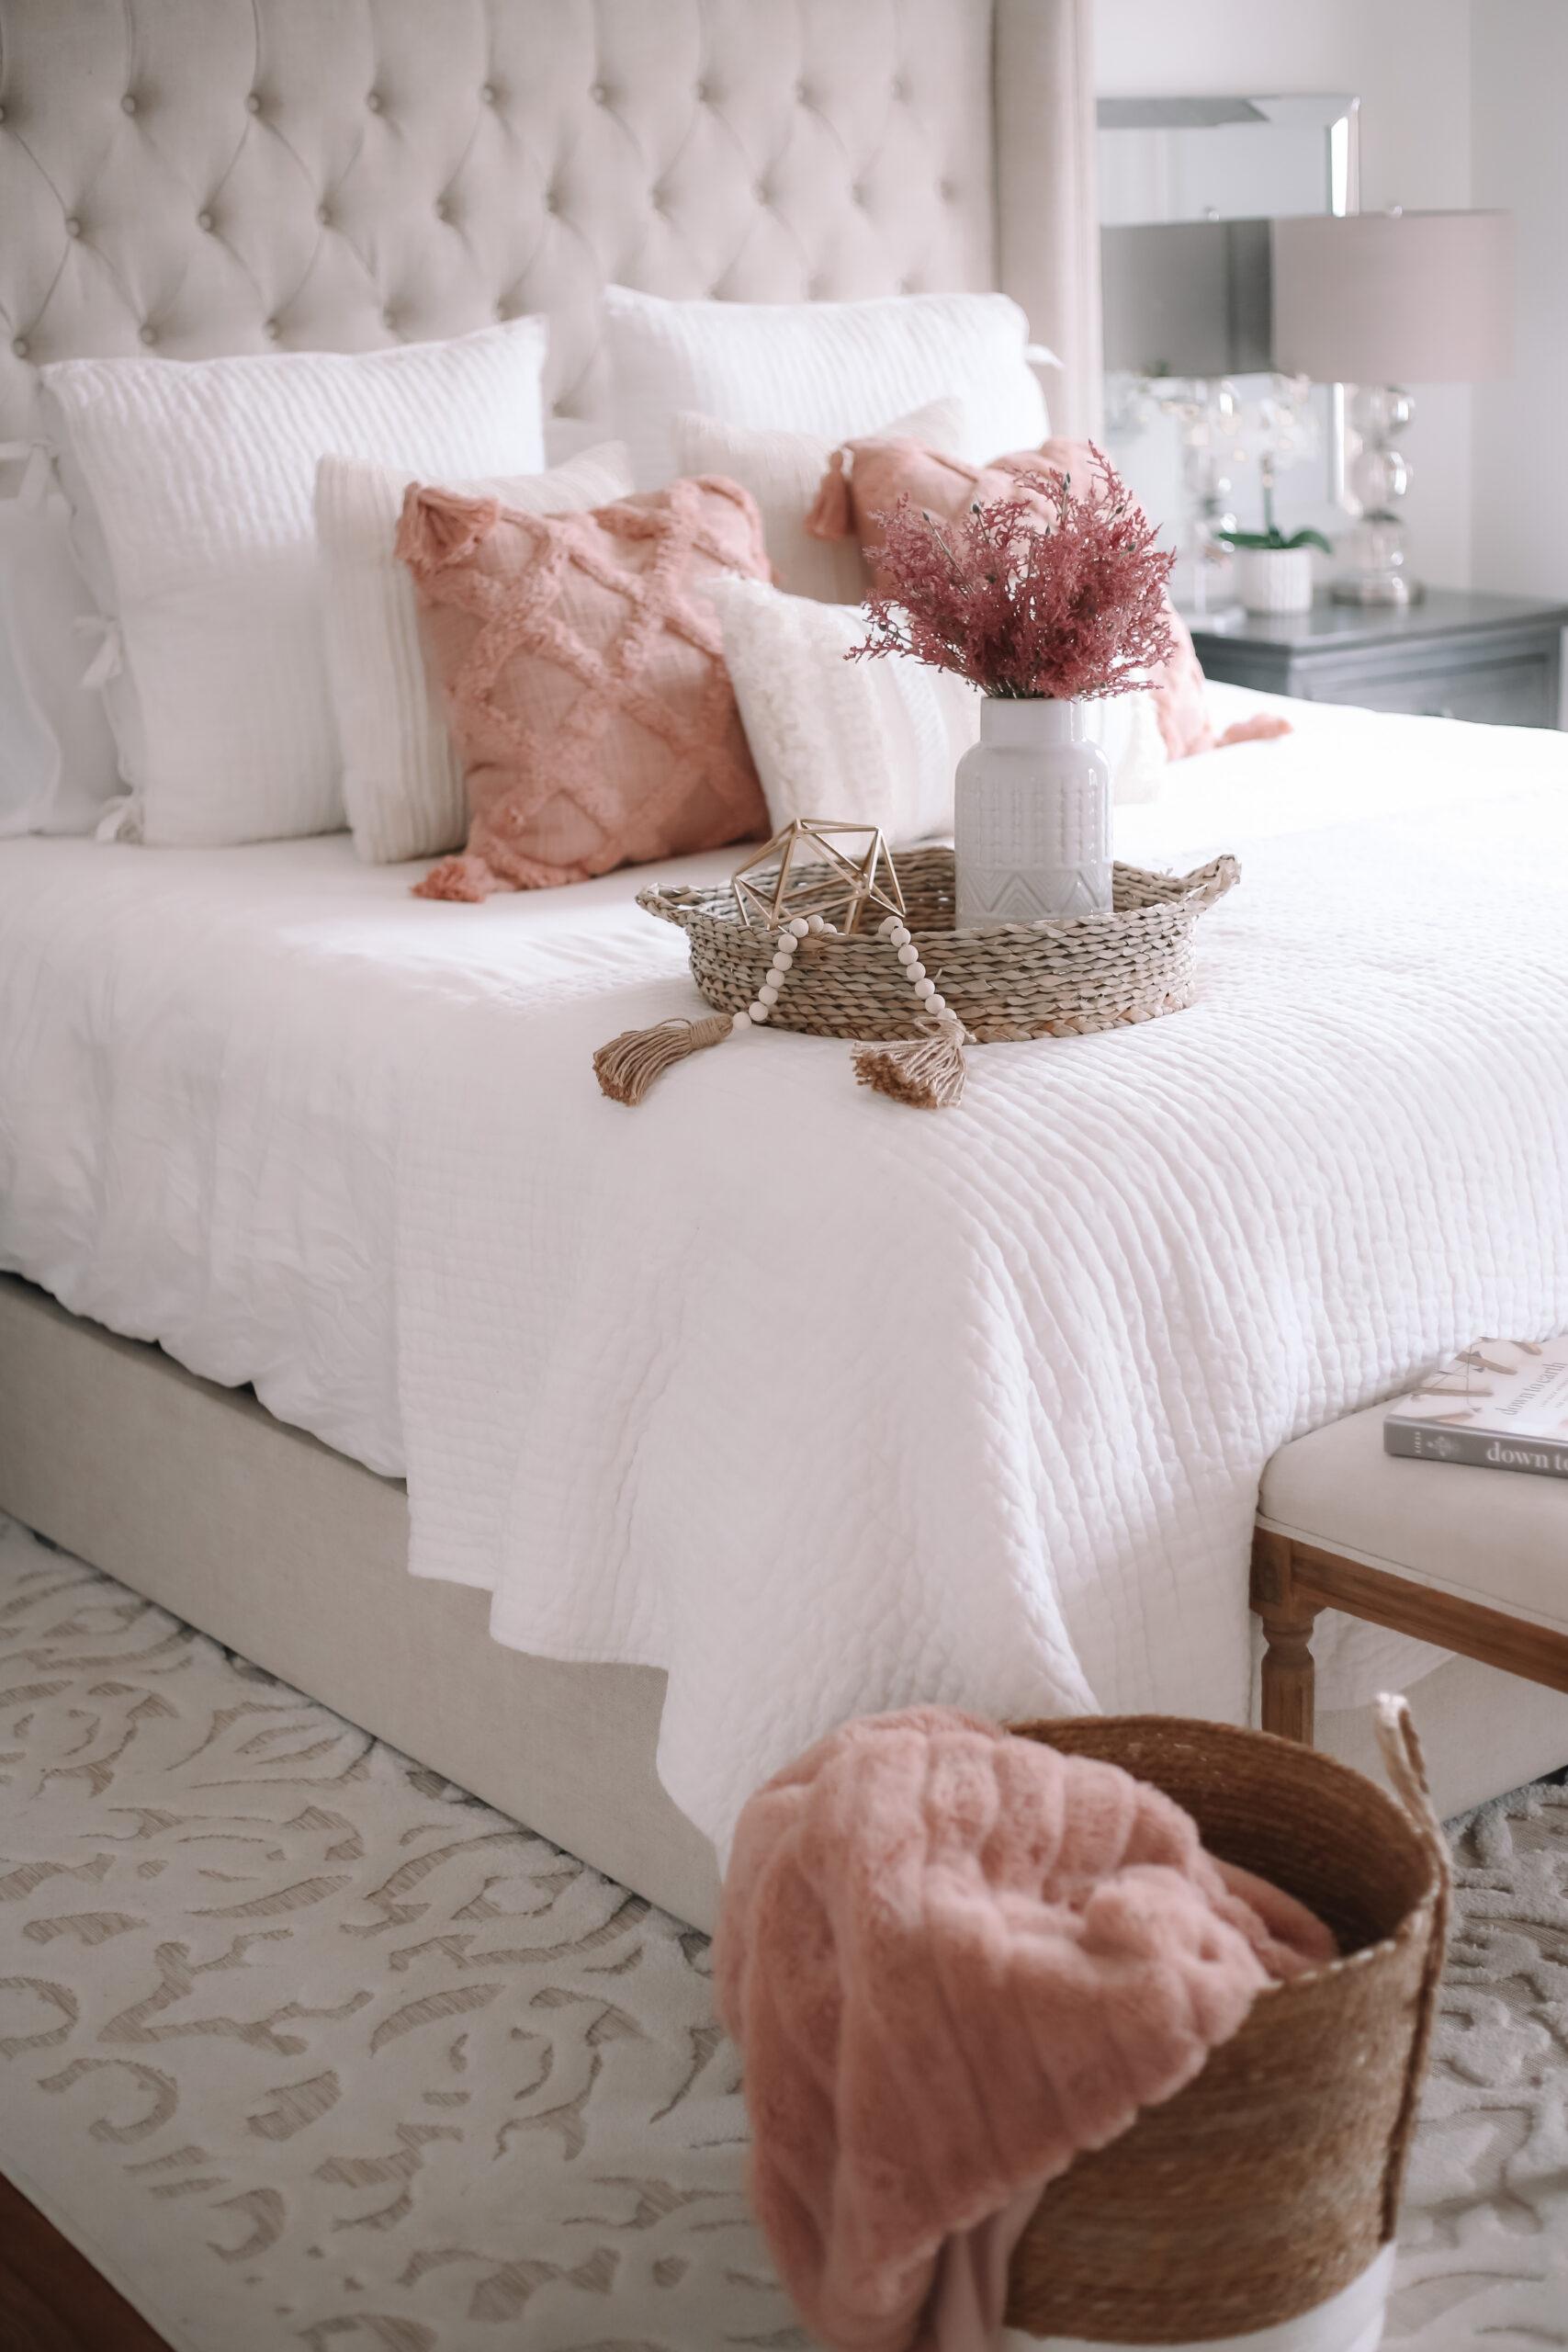 walmart home decor, walmart bedroom